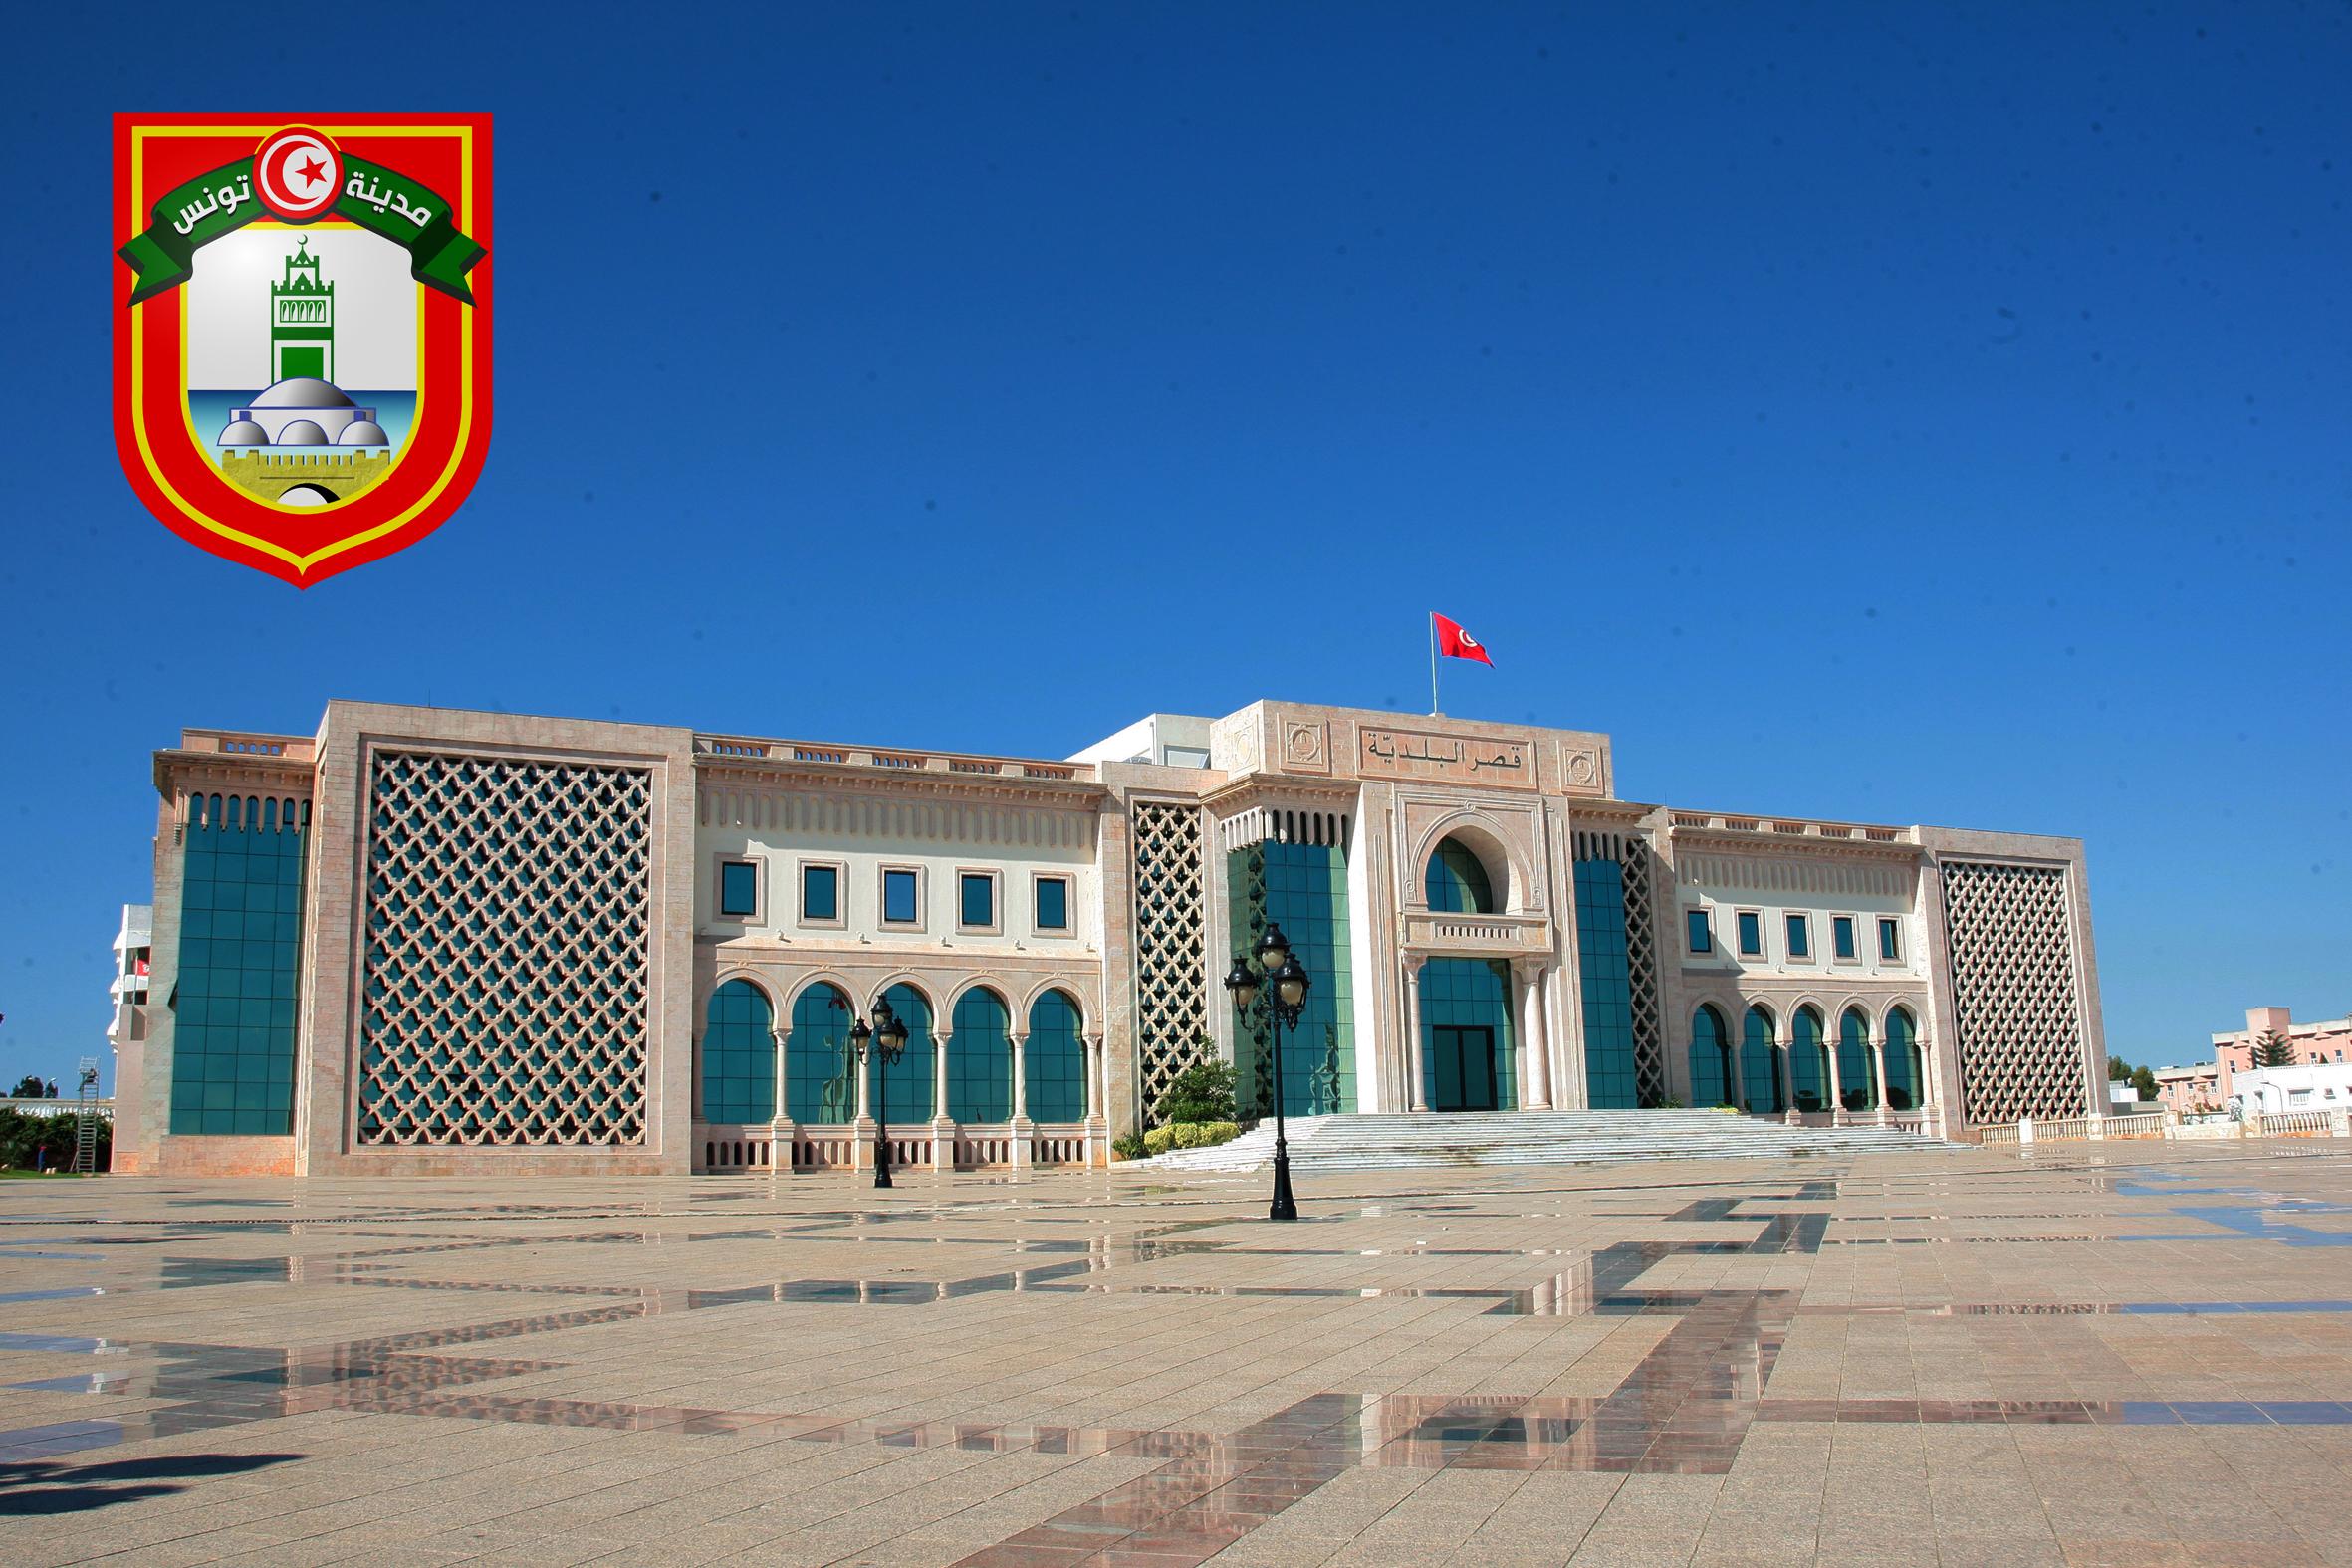 بدعوة من بلدية تونس، مدن من المغرب العربي والساحل الإفريقي، تبحث سبل تحقيق عيش متناغم للجميع: